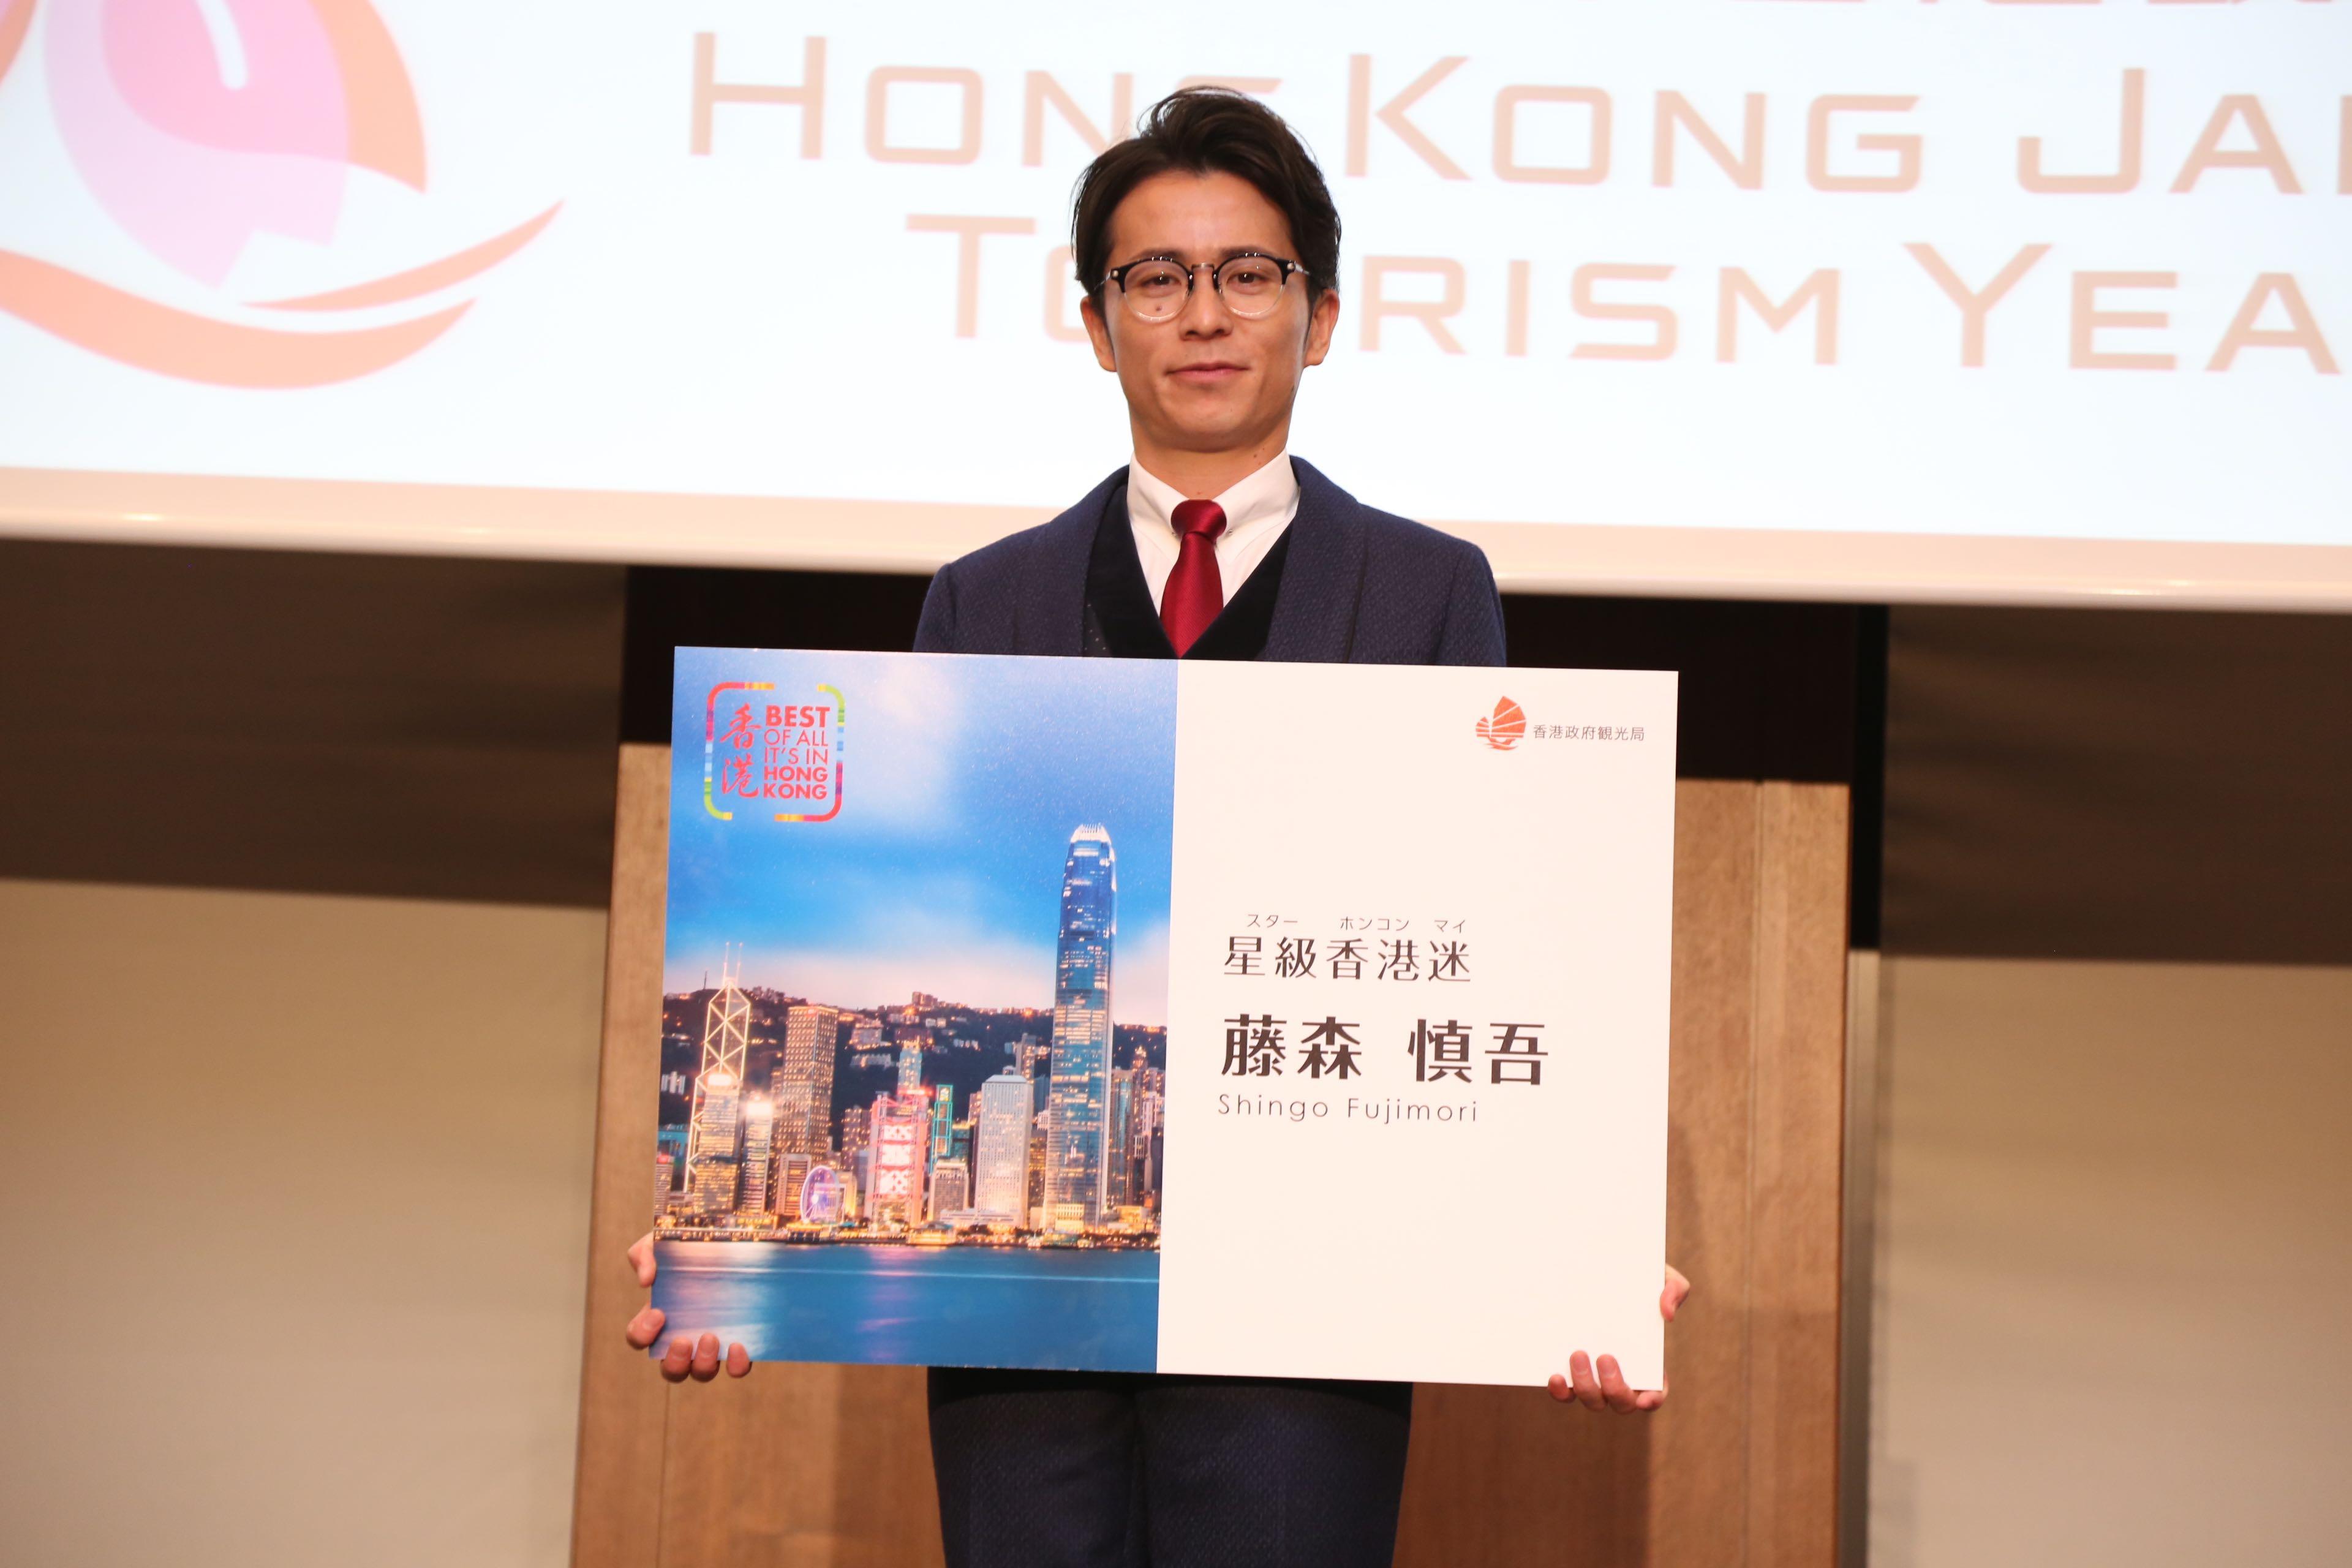 日本香港観光年が始動、タレントの藤森慎吾さんを魅力発進で起用、香港ファンの情報発信なども